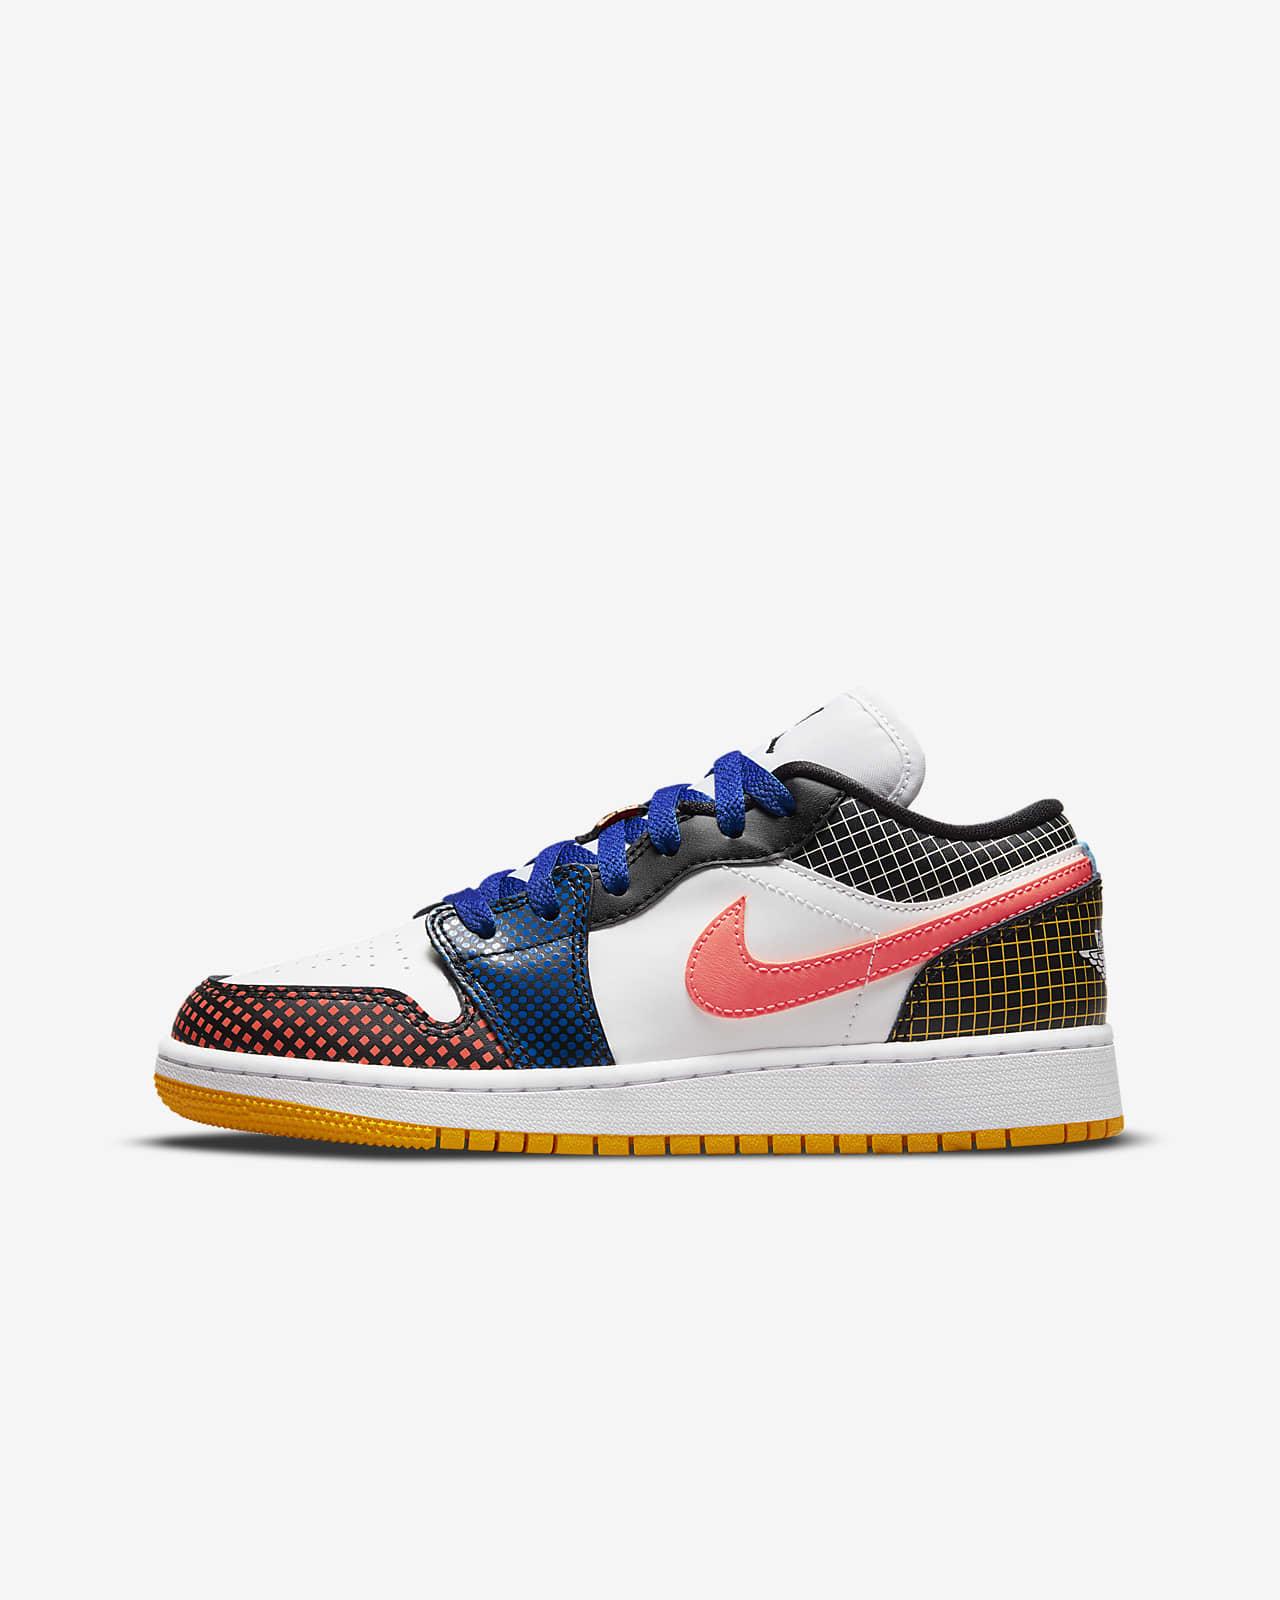 Air Jordan 1 Low MMD Older Kids' Shoe